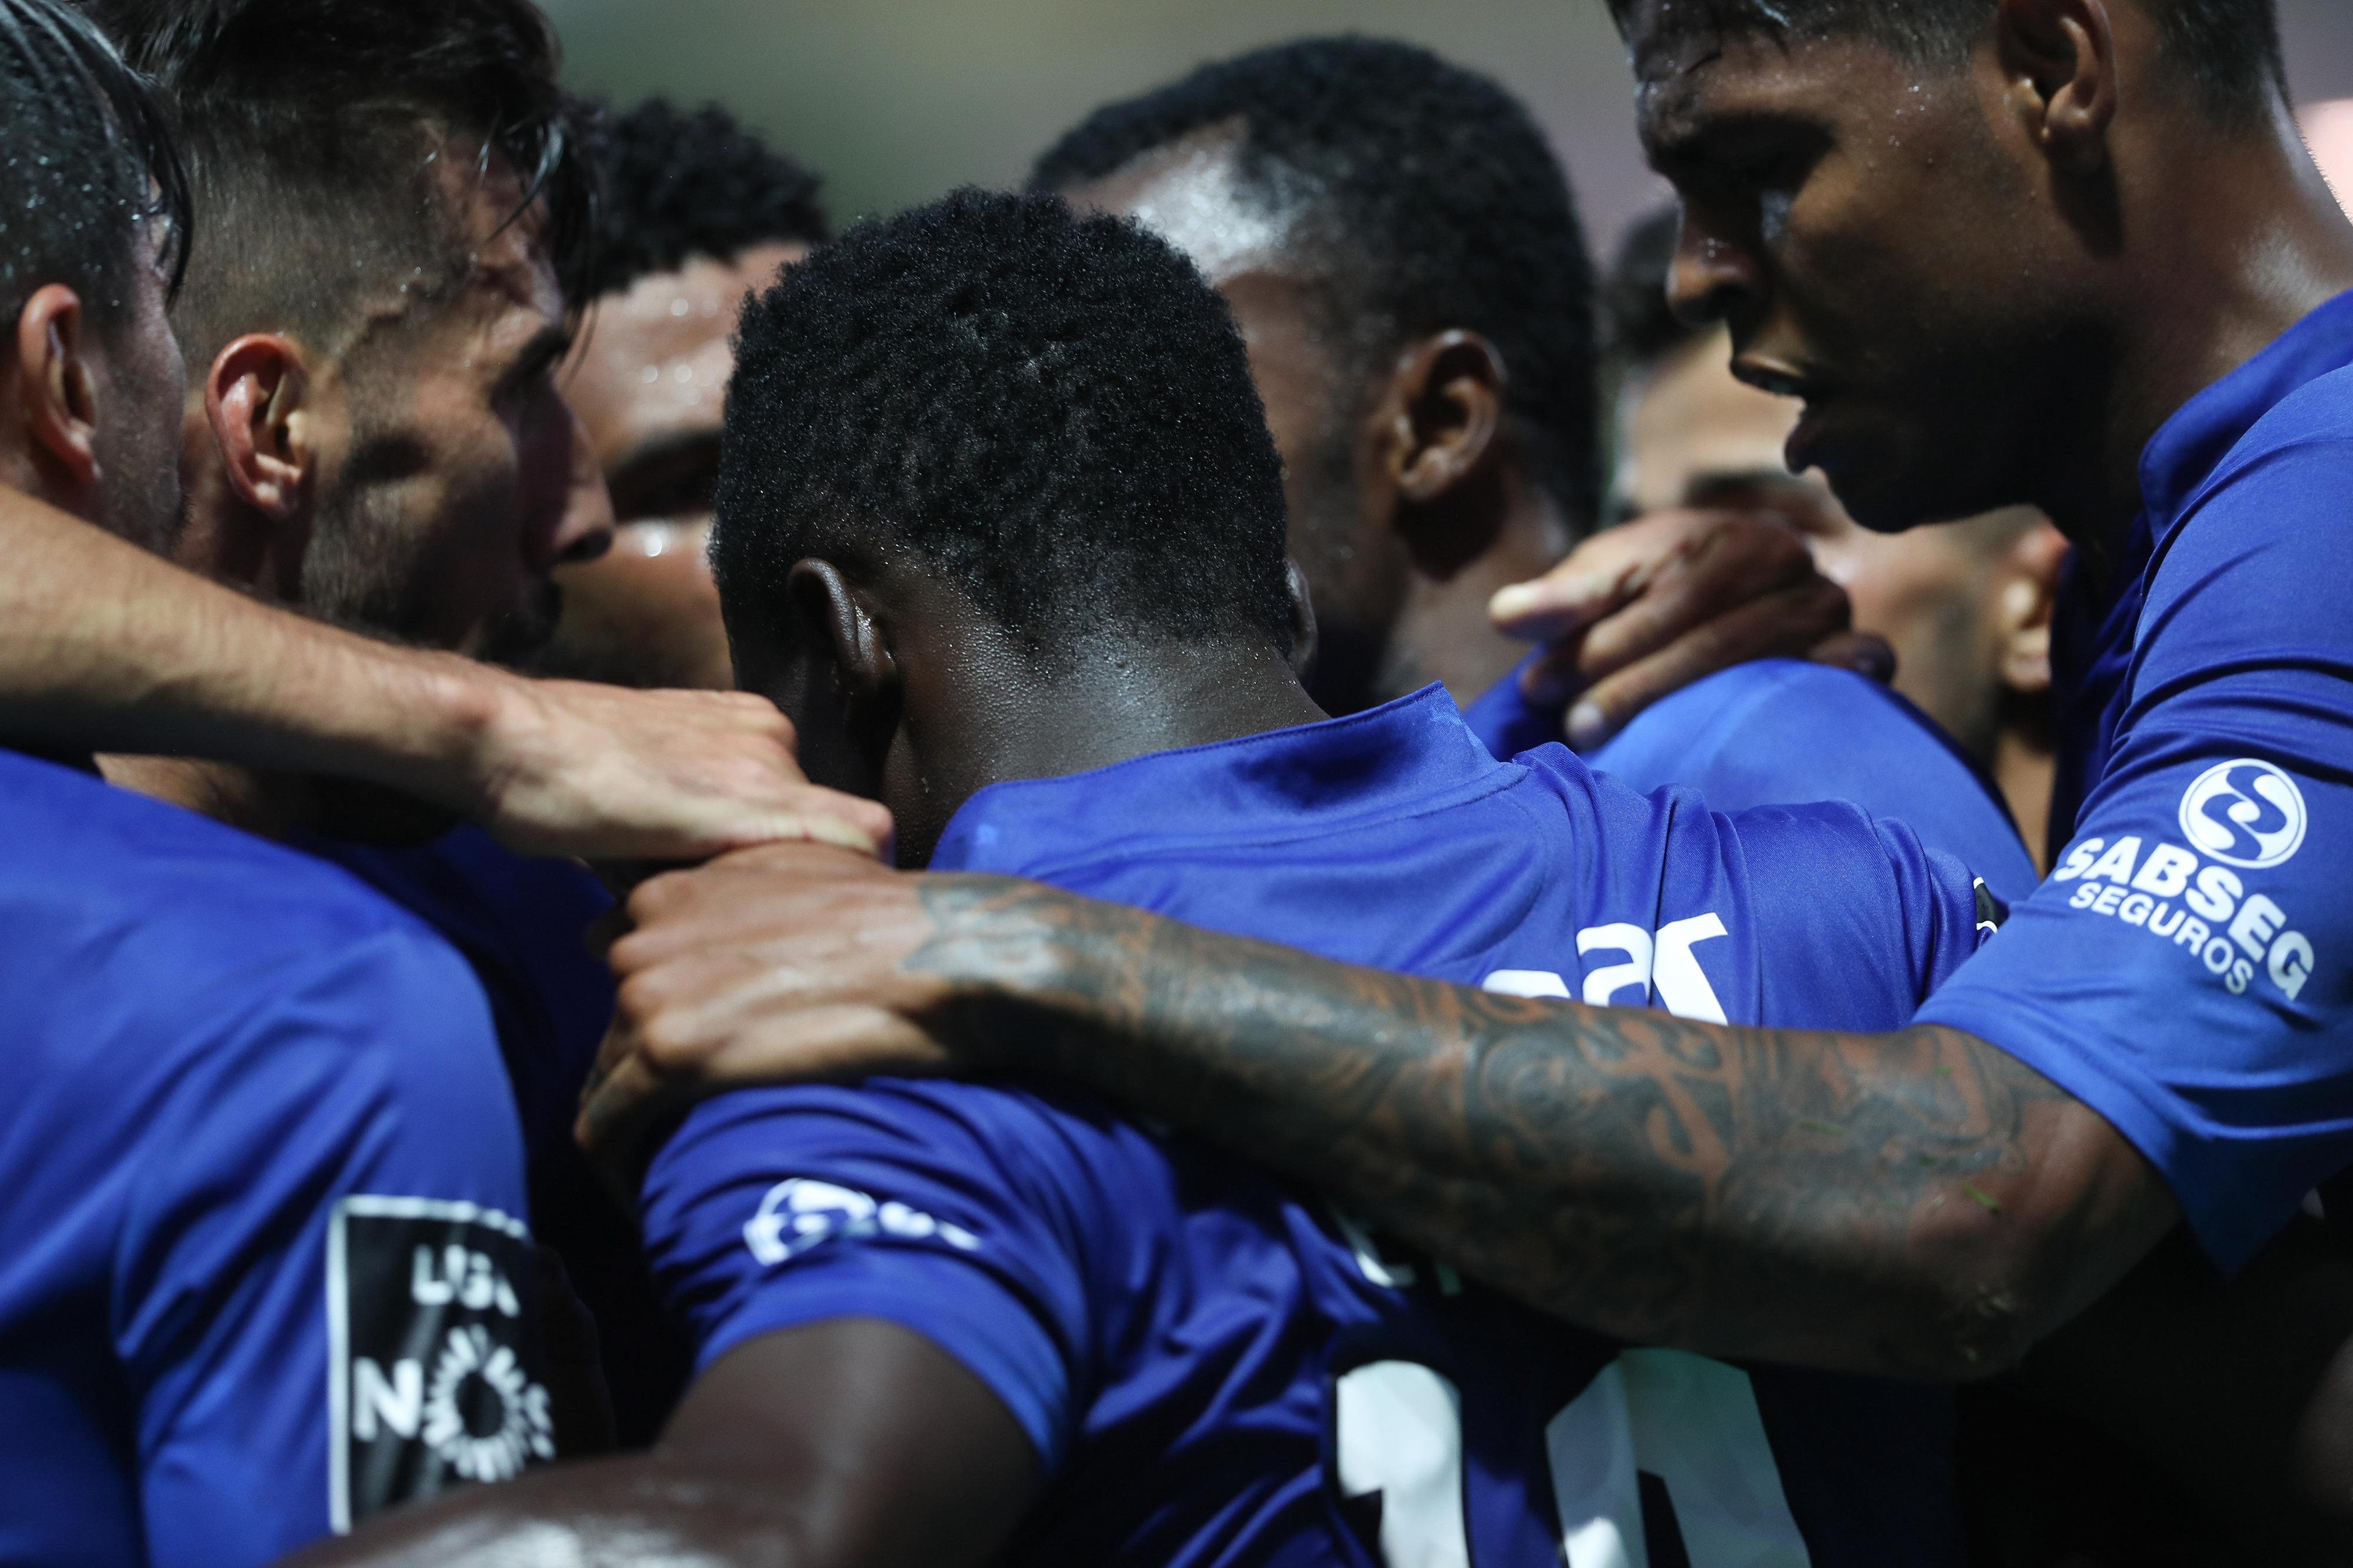 Feirense bate Paços de Ferreira e soma primeira vitória na I Liga